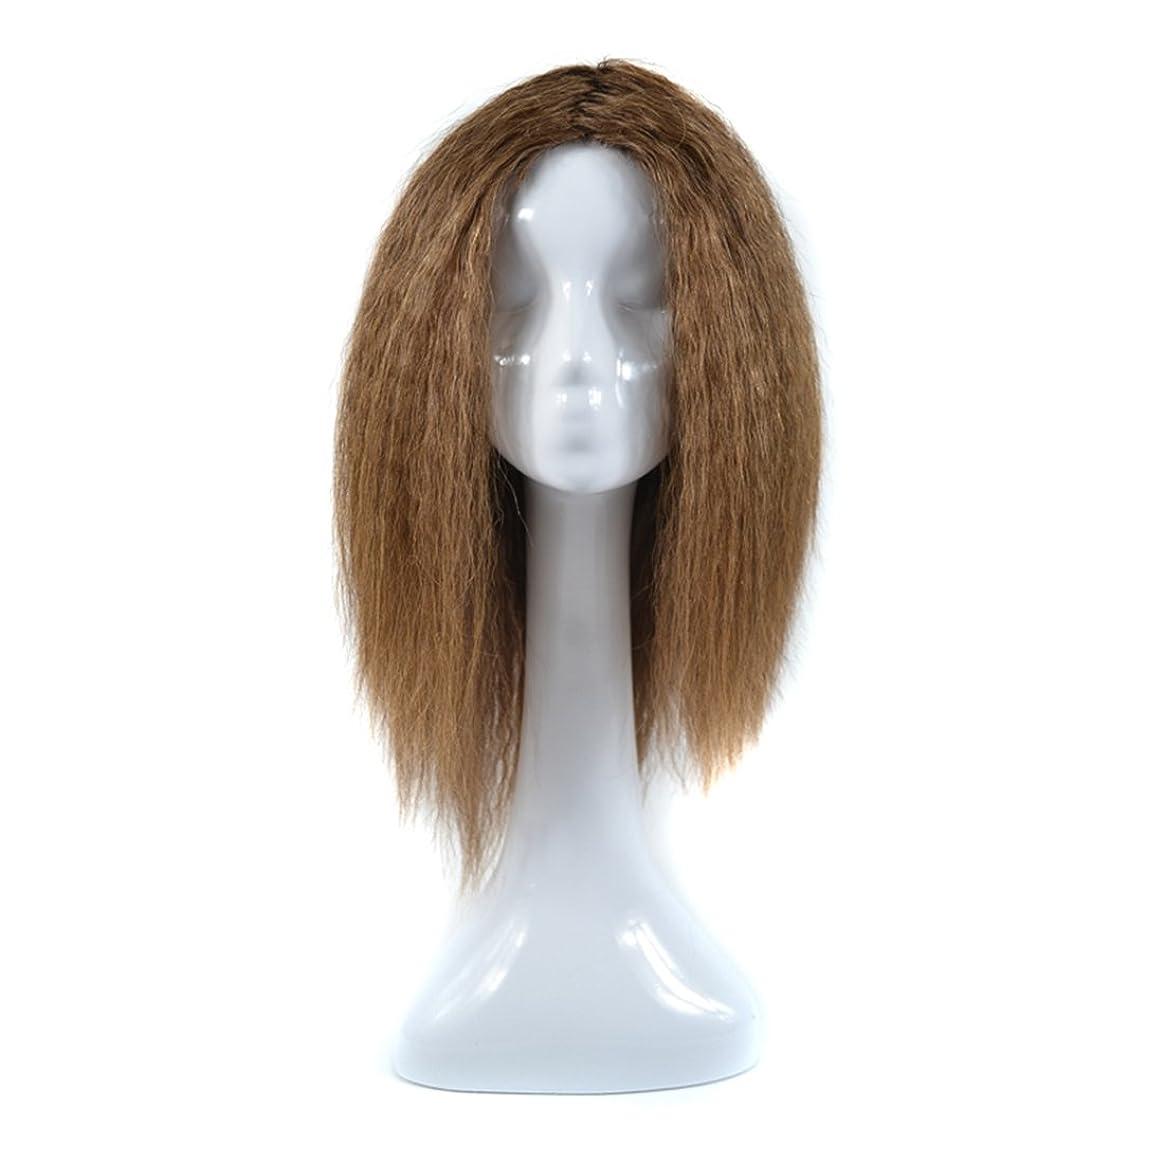 の間で酸素ブレーキDoyvanntgo トウモロコシホットロングカーリーウィッグ女性のための人間の髪リアルなナチュラルヘア(20inch /ライトブラウン、20inch /ブラウンブラック)のための中間点Bangと非鉄染めシルクかつら (Color : Brown black(20inch))